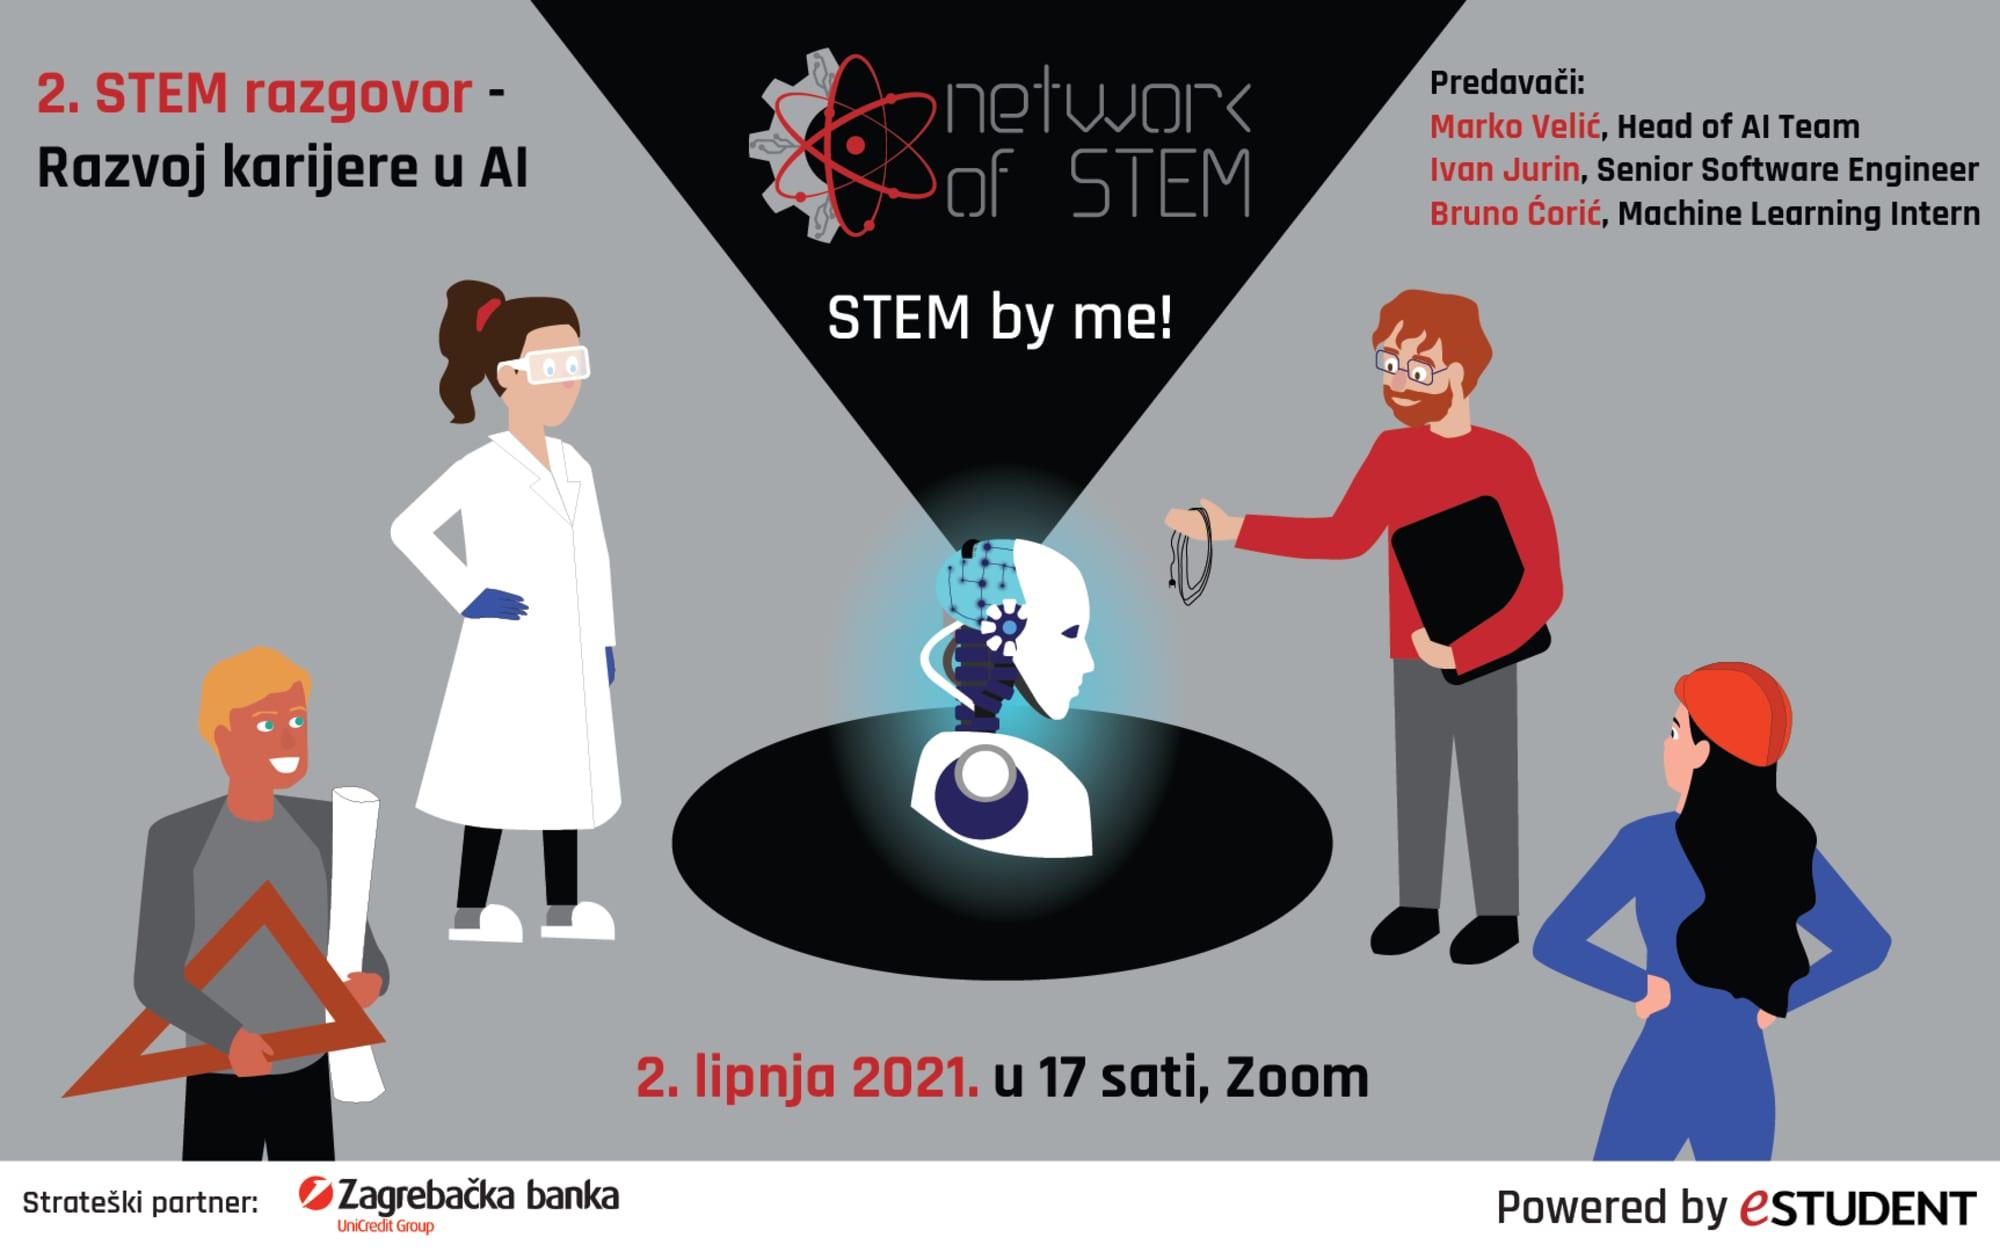 """Drugi razgovor Network of STEM: """"Faks je temelj i osnova za ovaj posao, ali odlične pojedince izdvaja rad na sebi i vanjskim projektima vezanim za struku"""""""